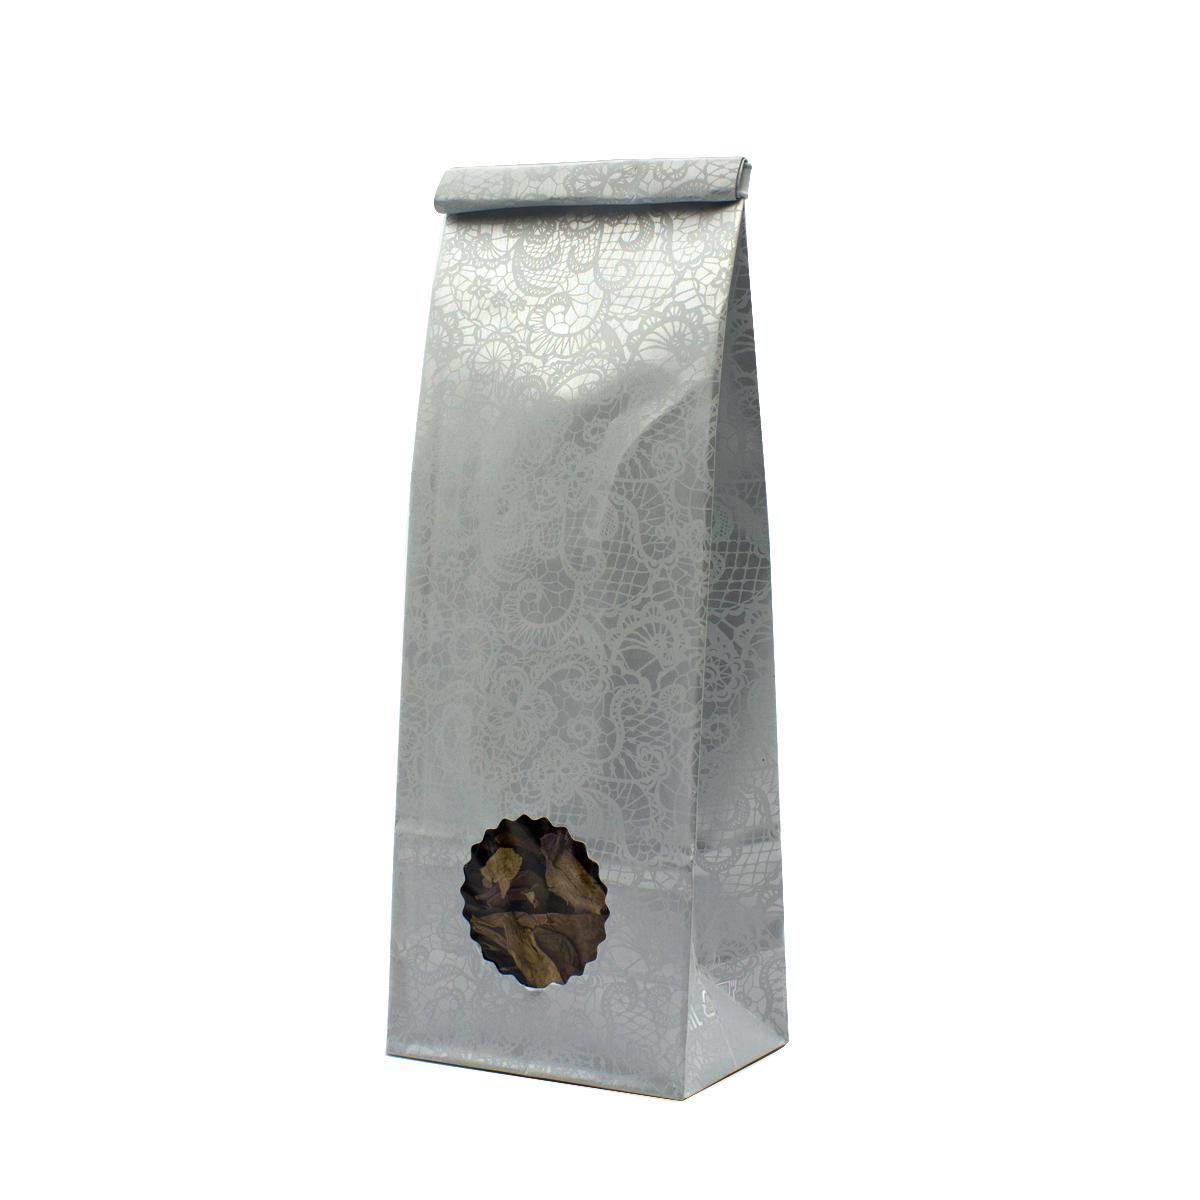 Пакет для чая 250 гр с окошком Белые кружева (22,5 х 8 см)